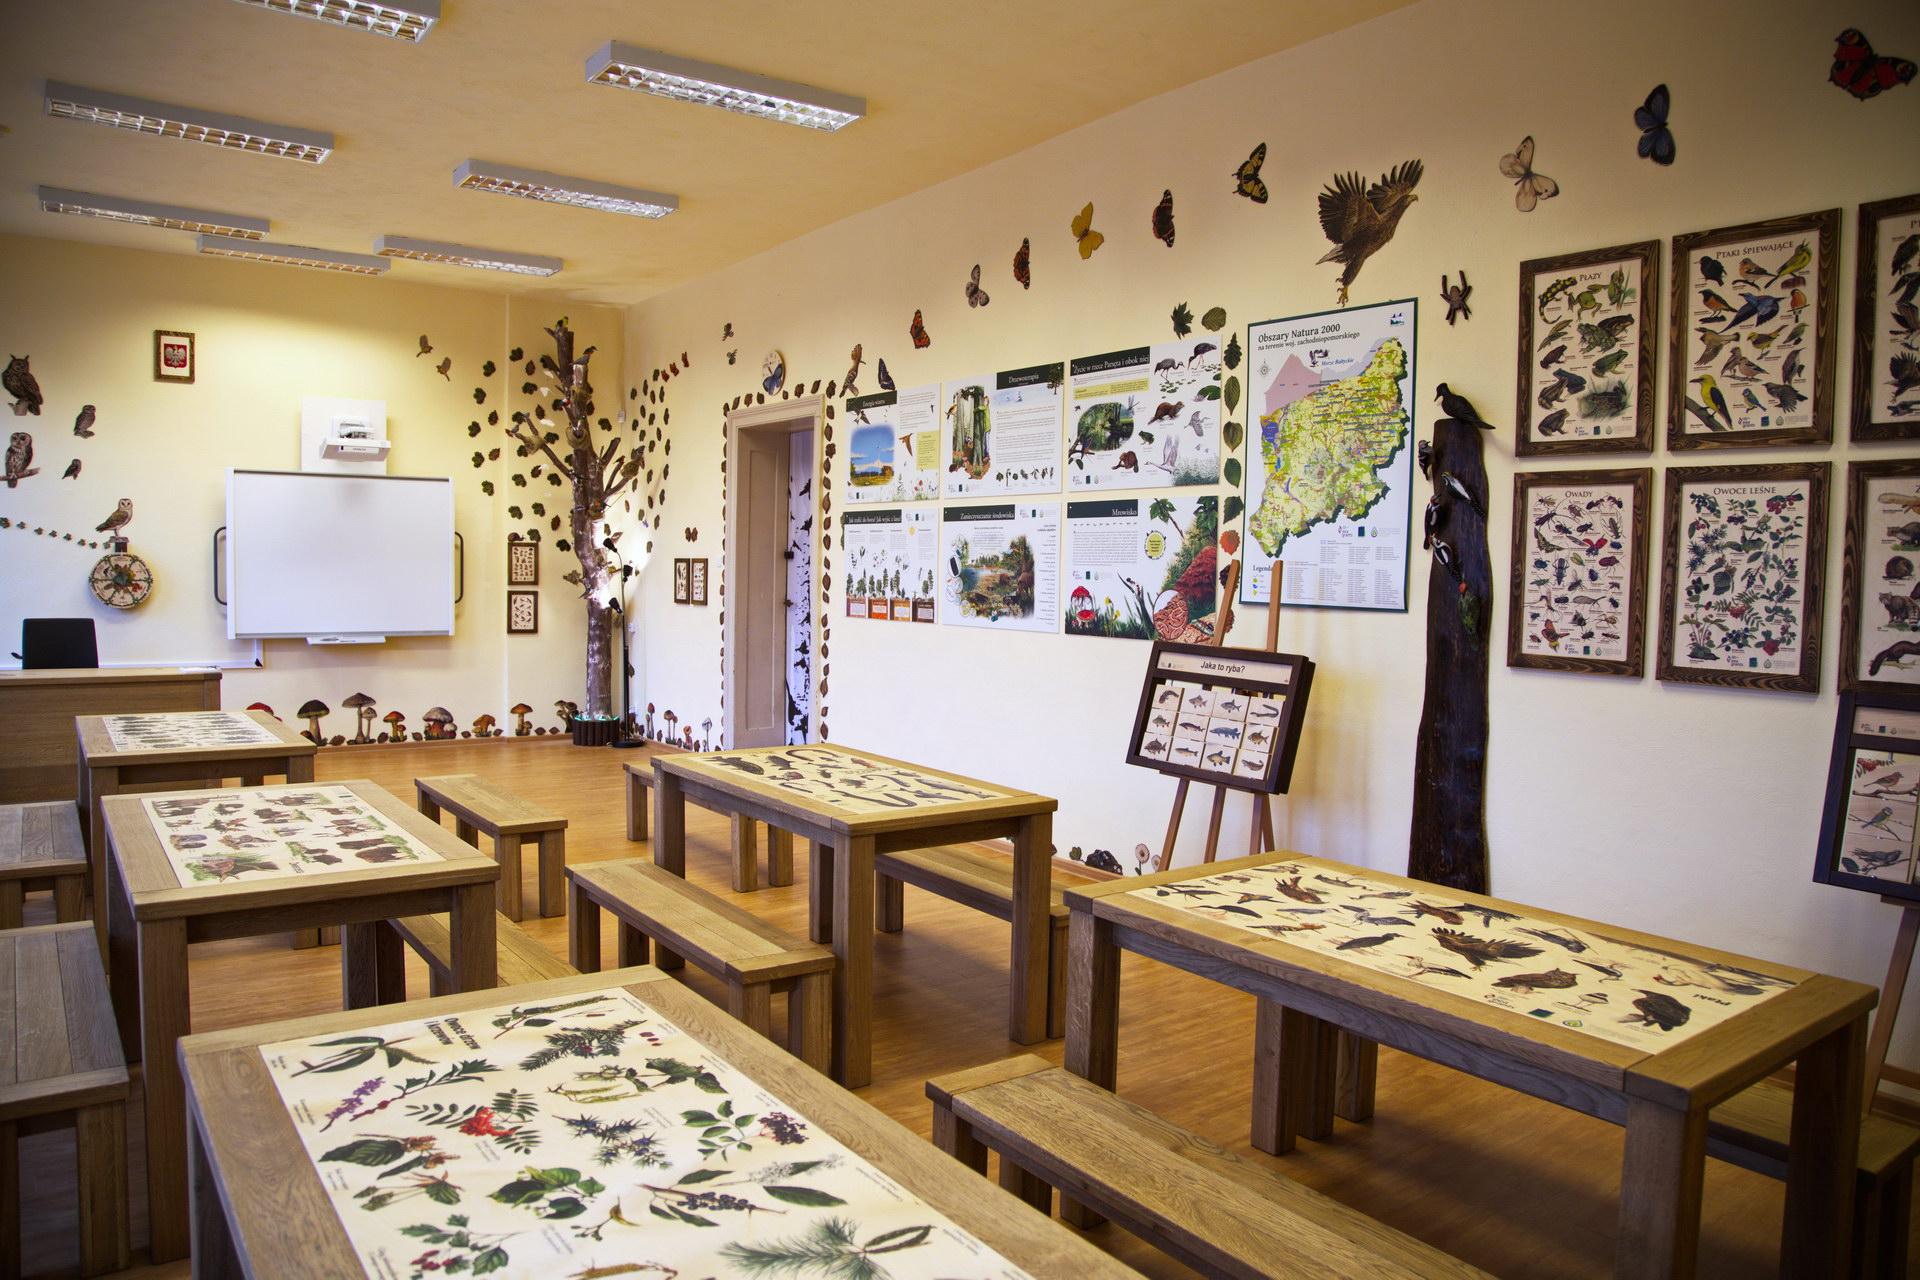 Izby edukacyjne lesne - sale przyrodnicze, wystroj wnetrz - PSP nr 1 w Polczynie Zdroju (1)